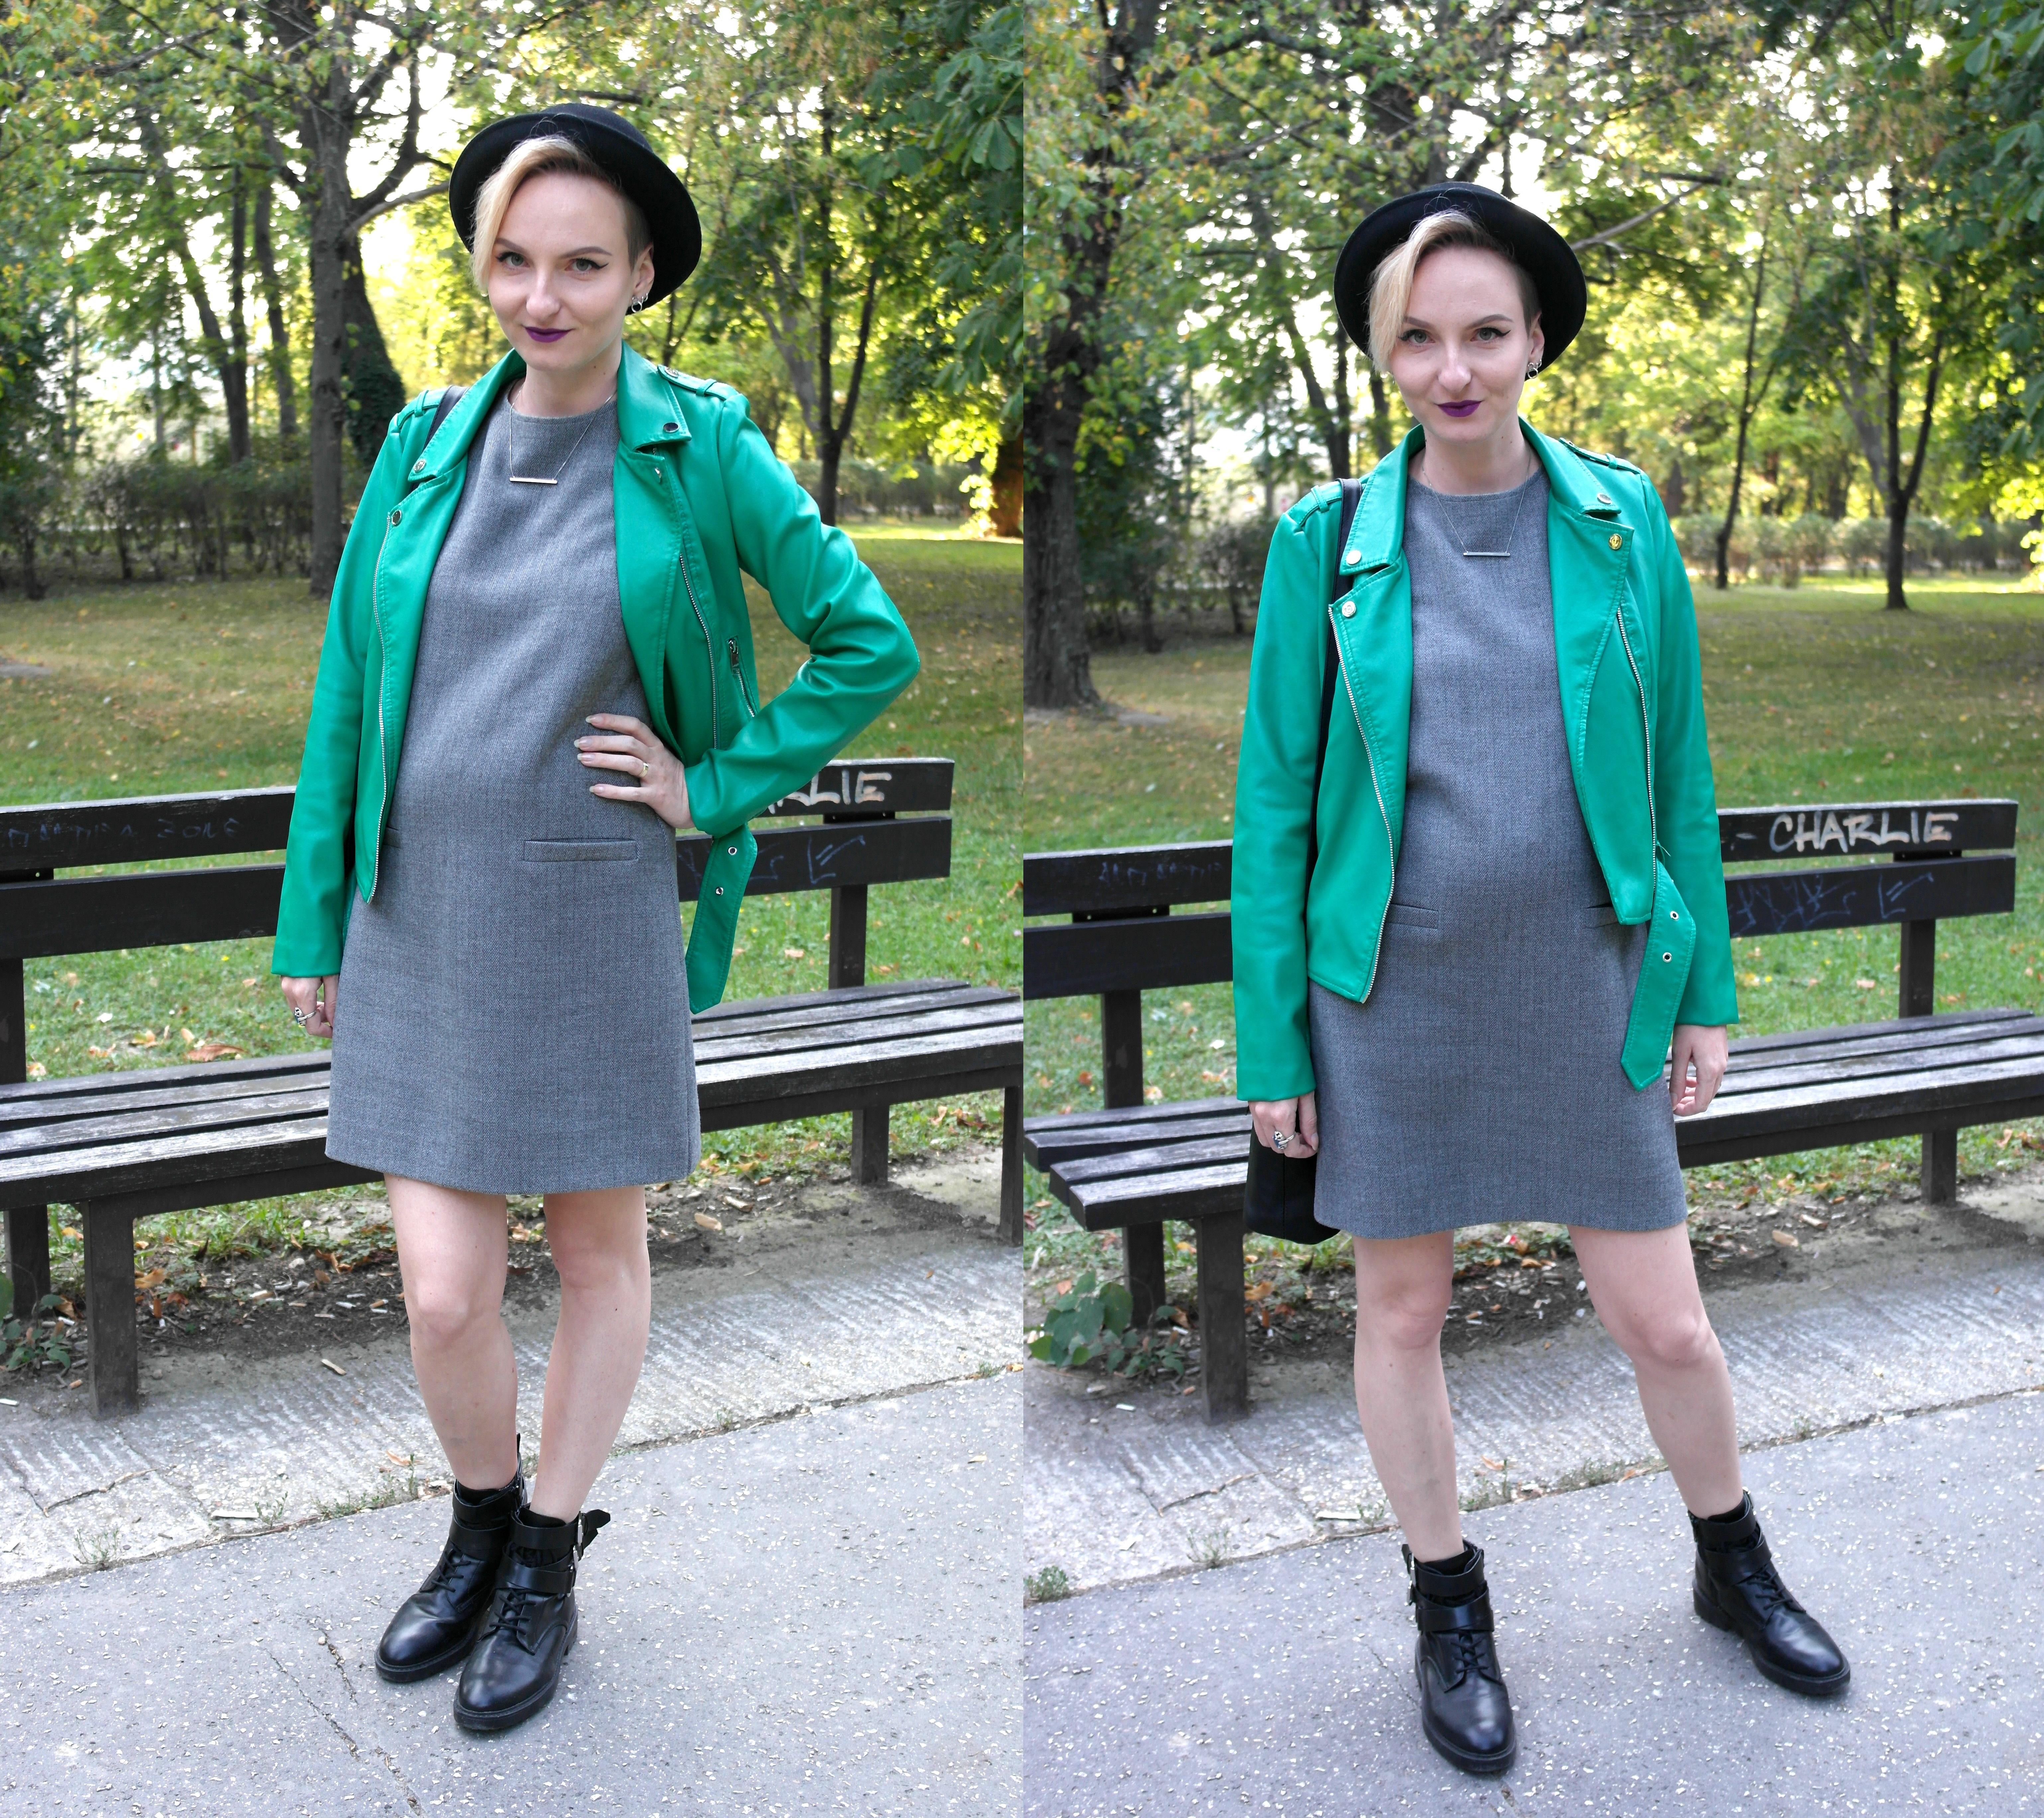 Radosti v šatách